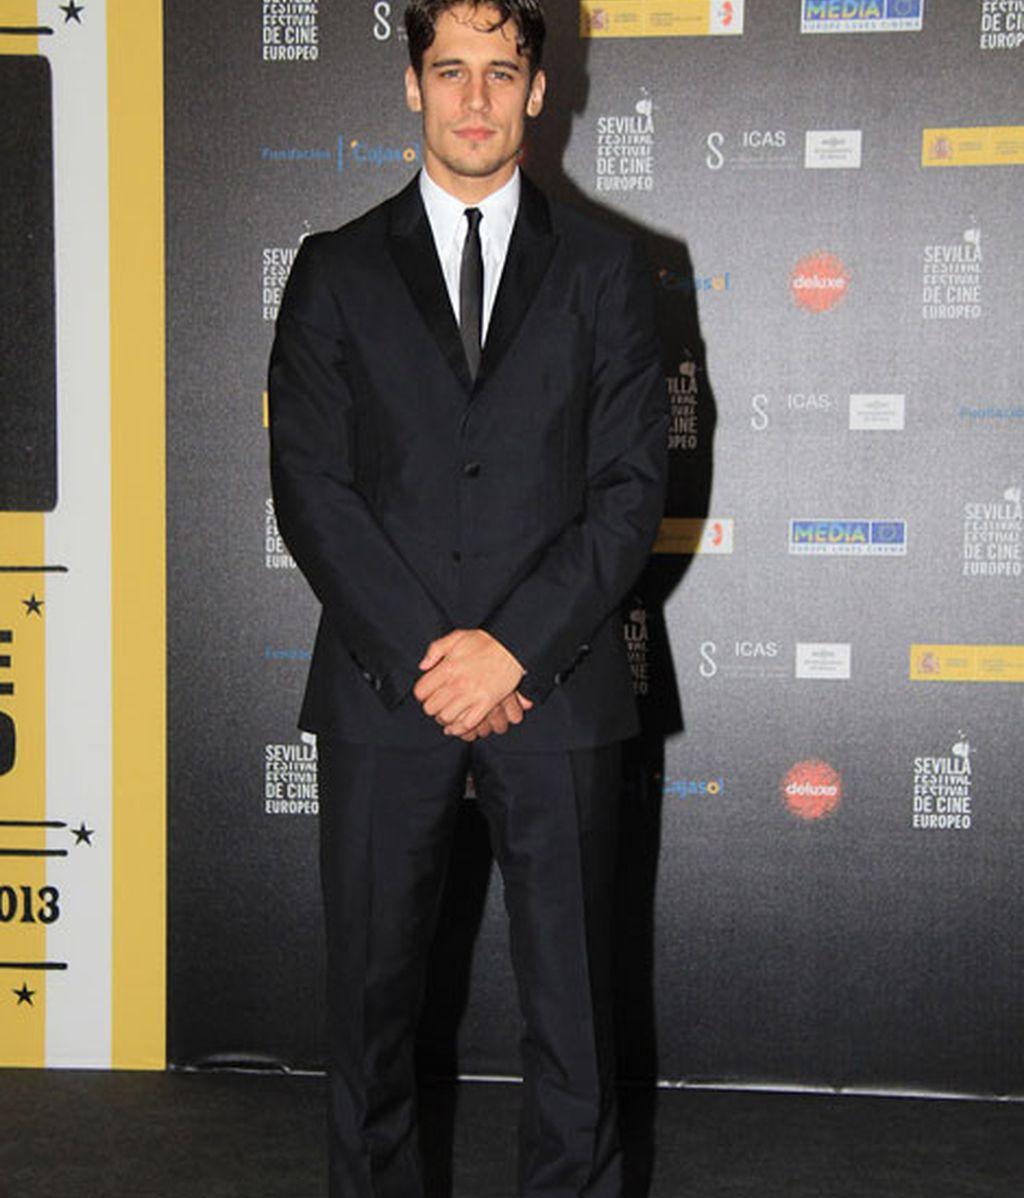 Martín Rivas, muy elegante con traje negro y corbata